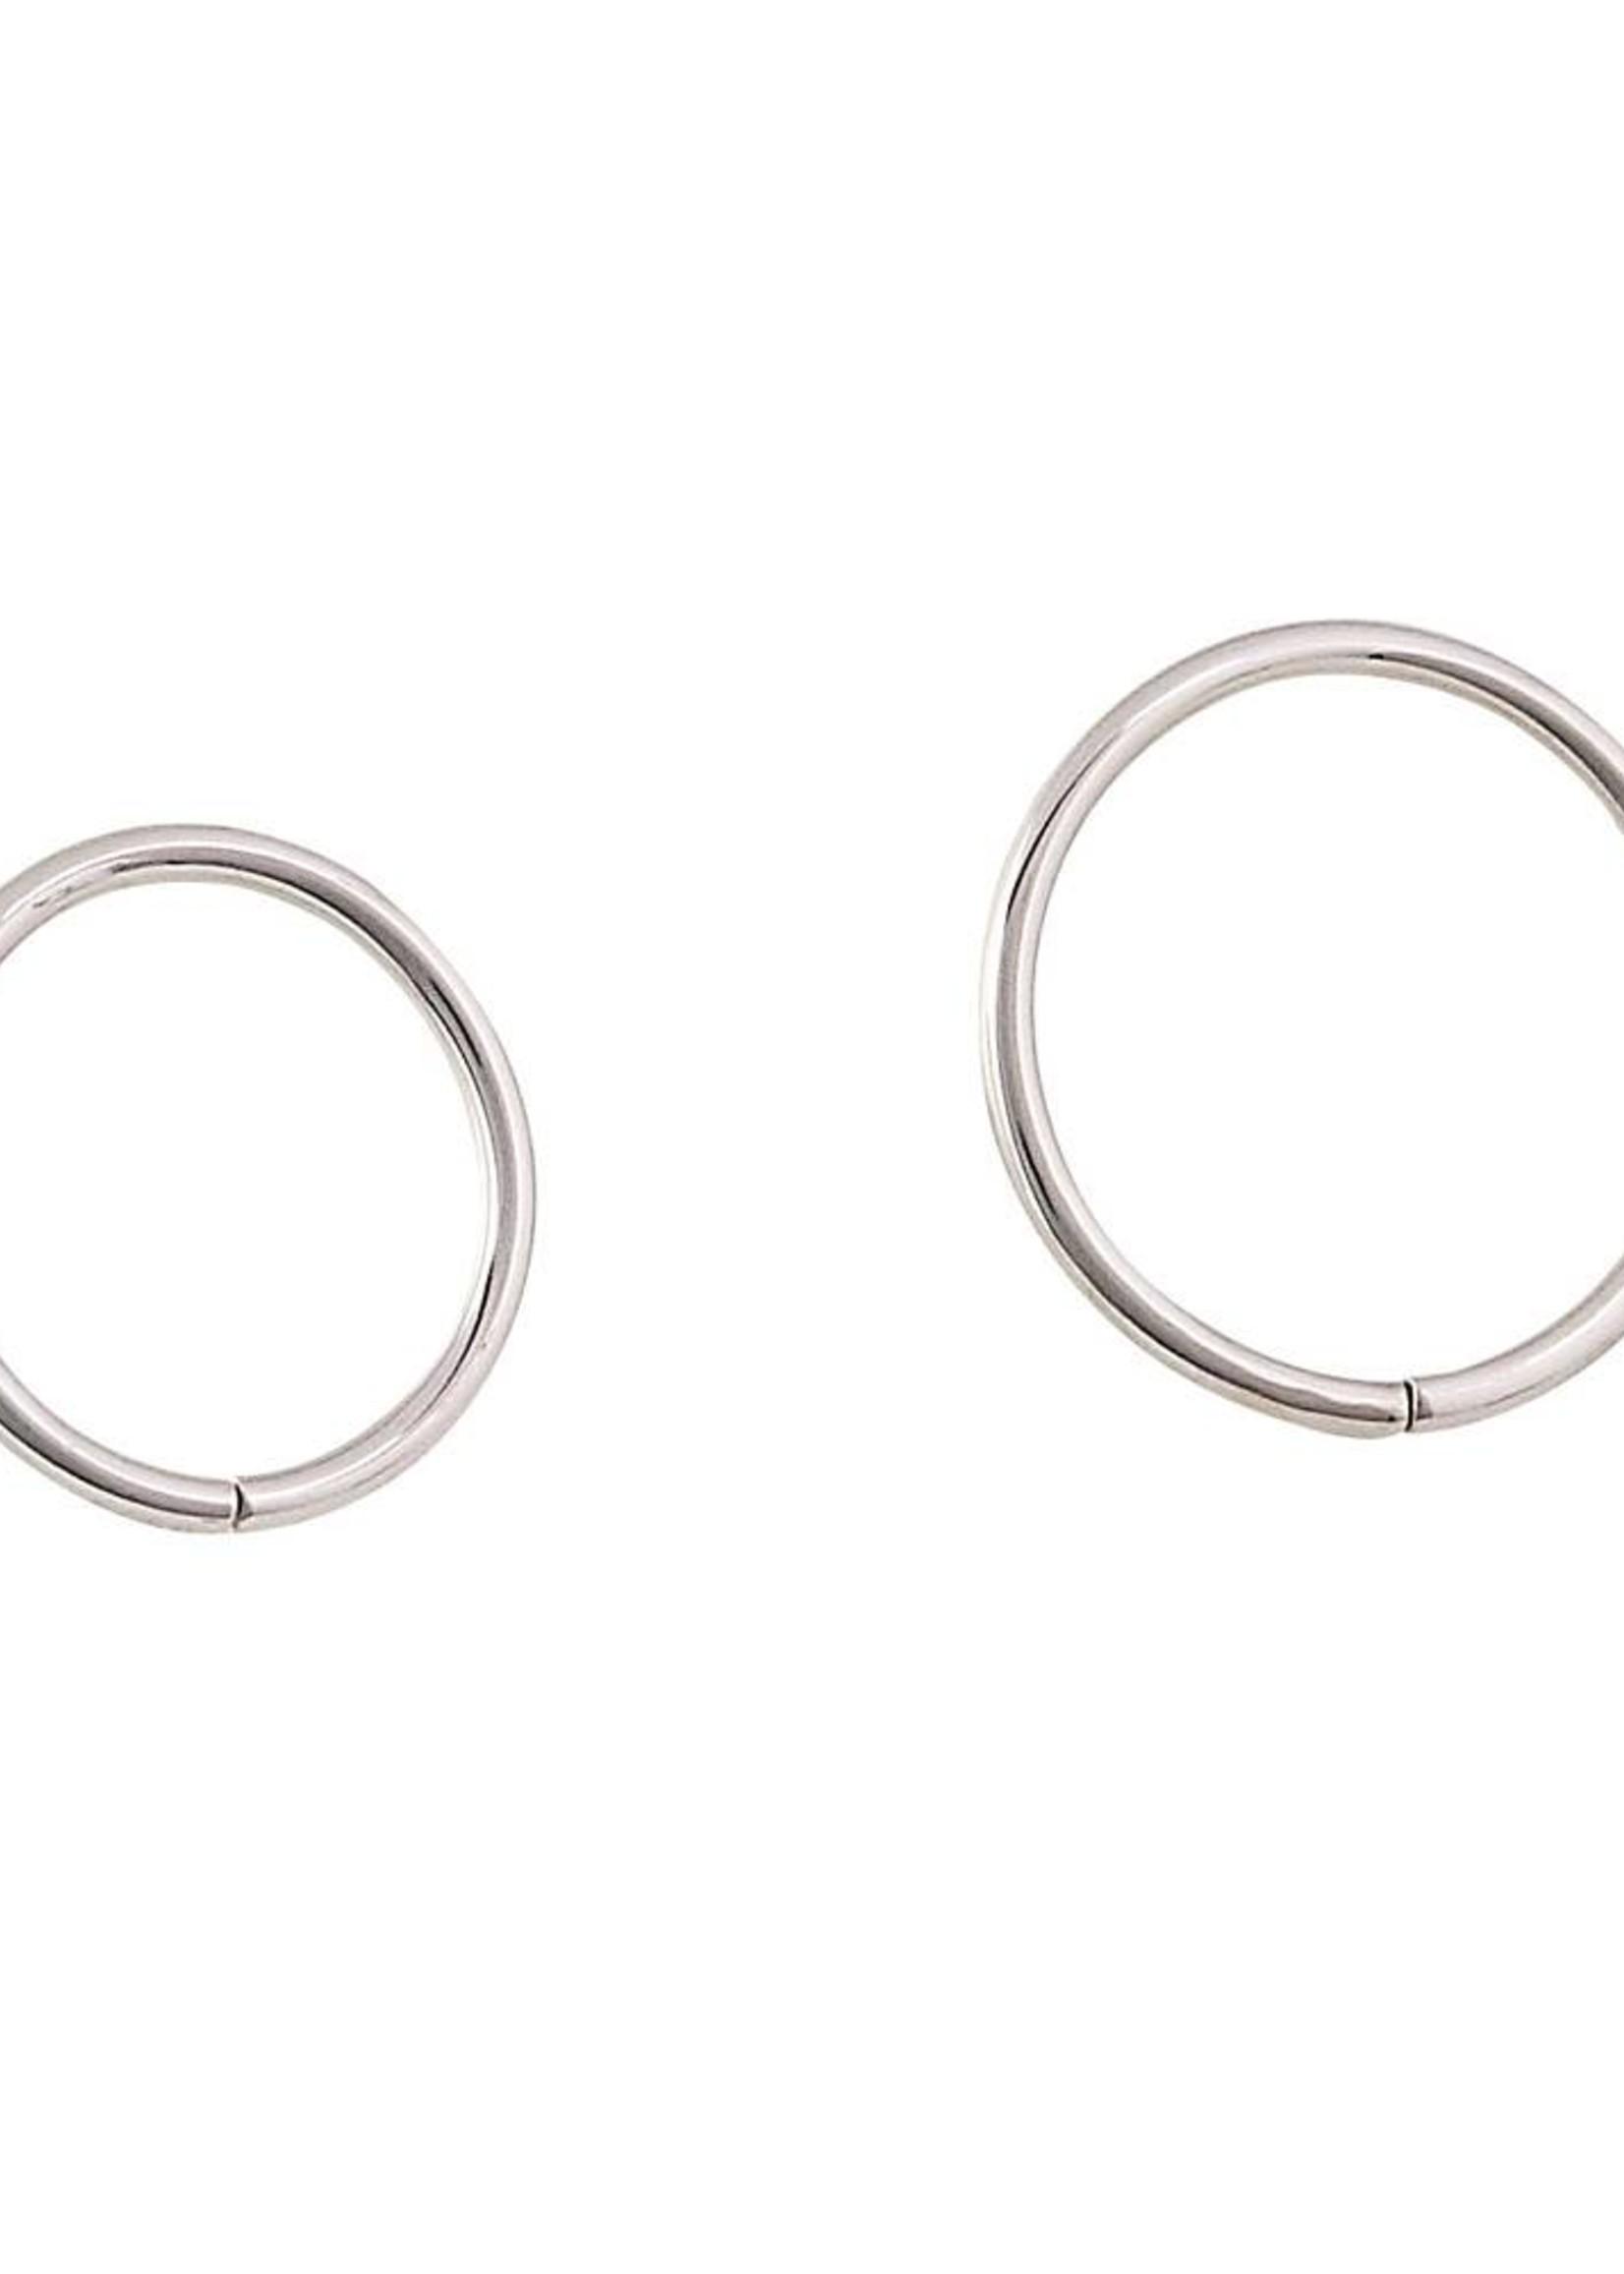 20g Ni Seam Rings